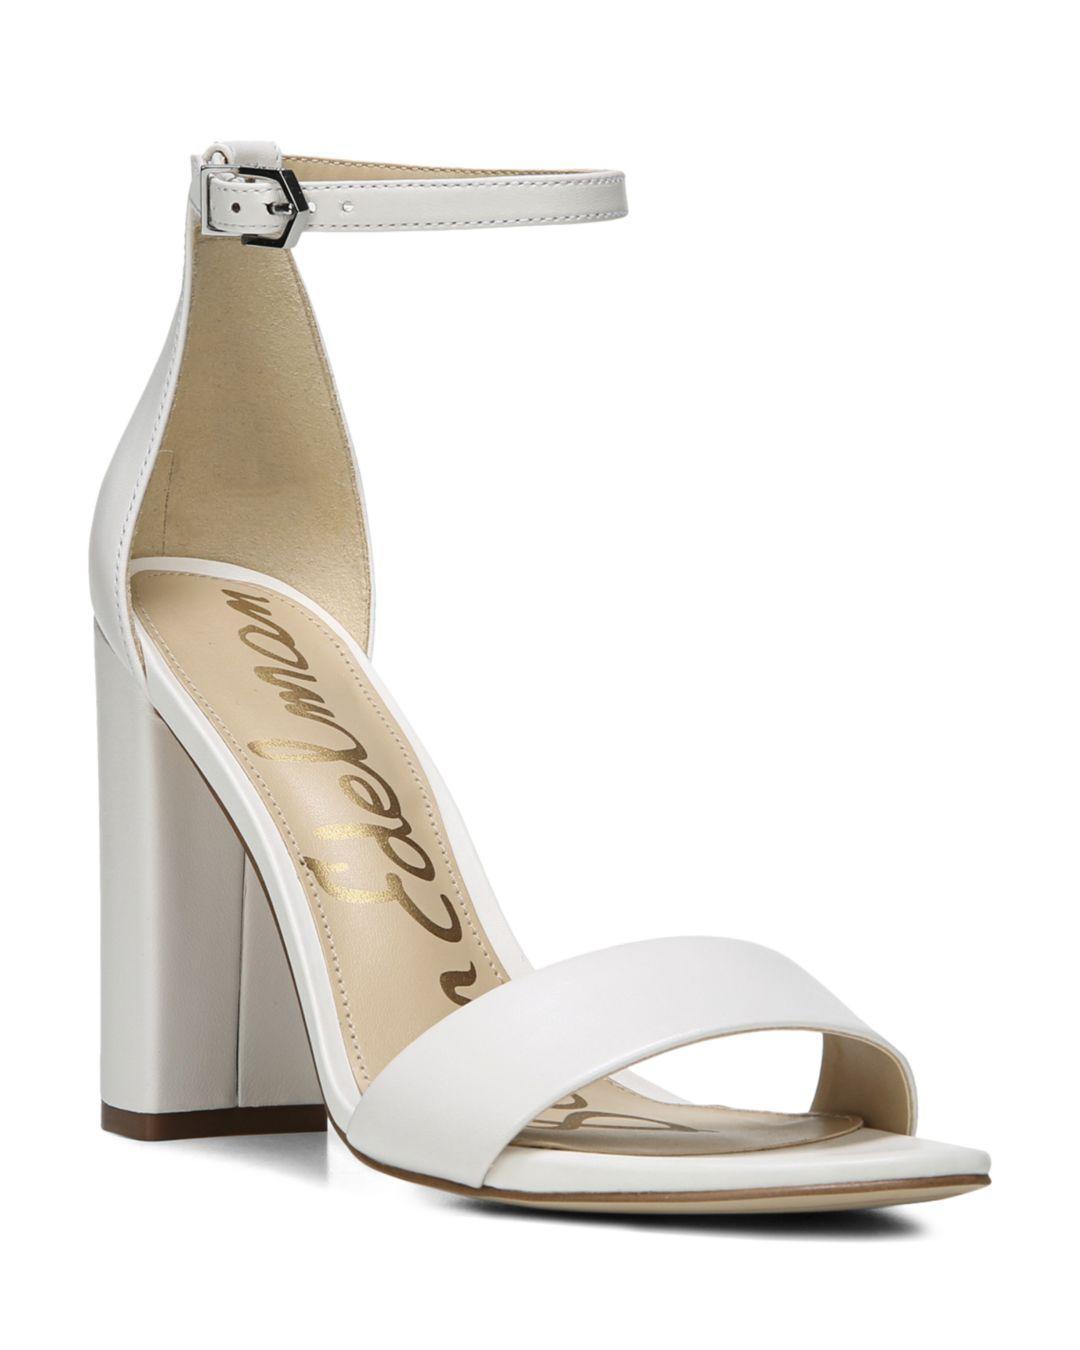 3c71947d41a1 Lyst - Sam Edelman Women s Yaro Ankle Strap Block Heel Sandals in White